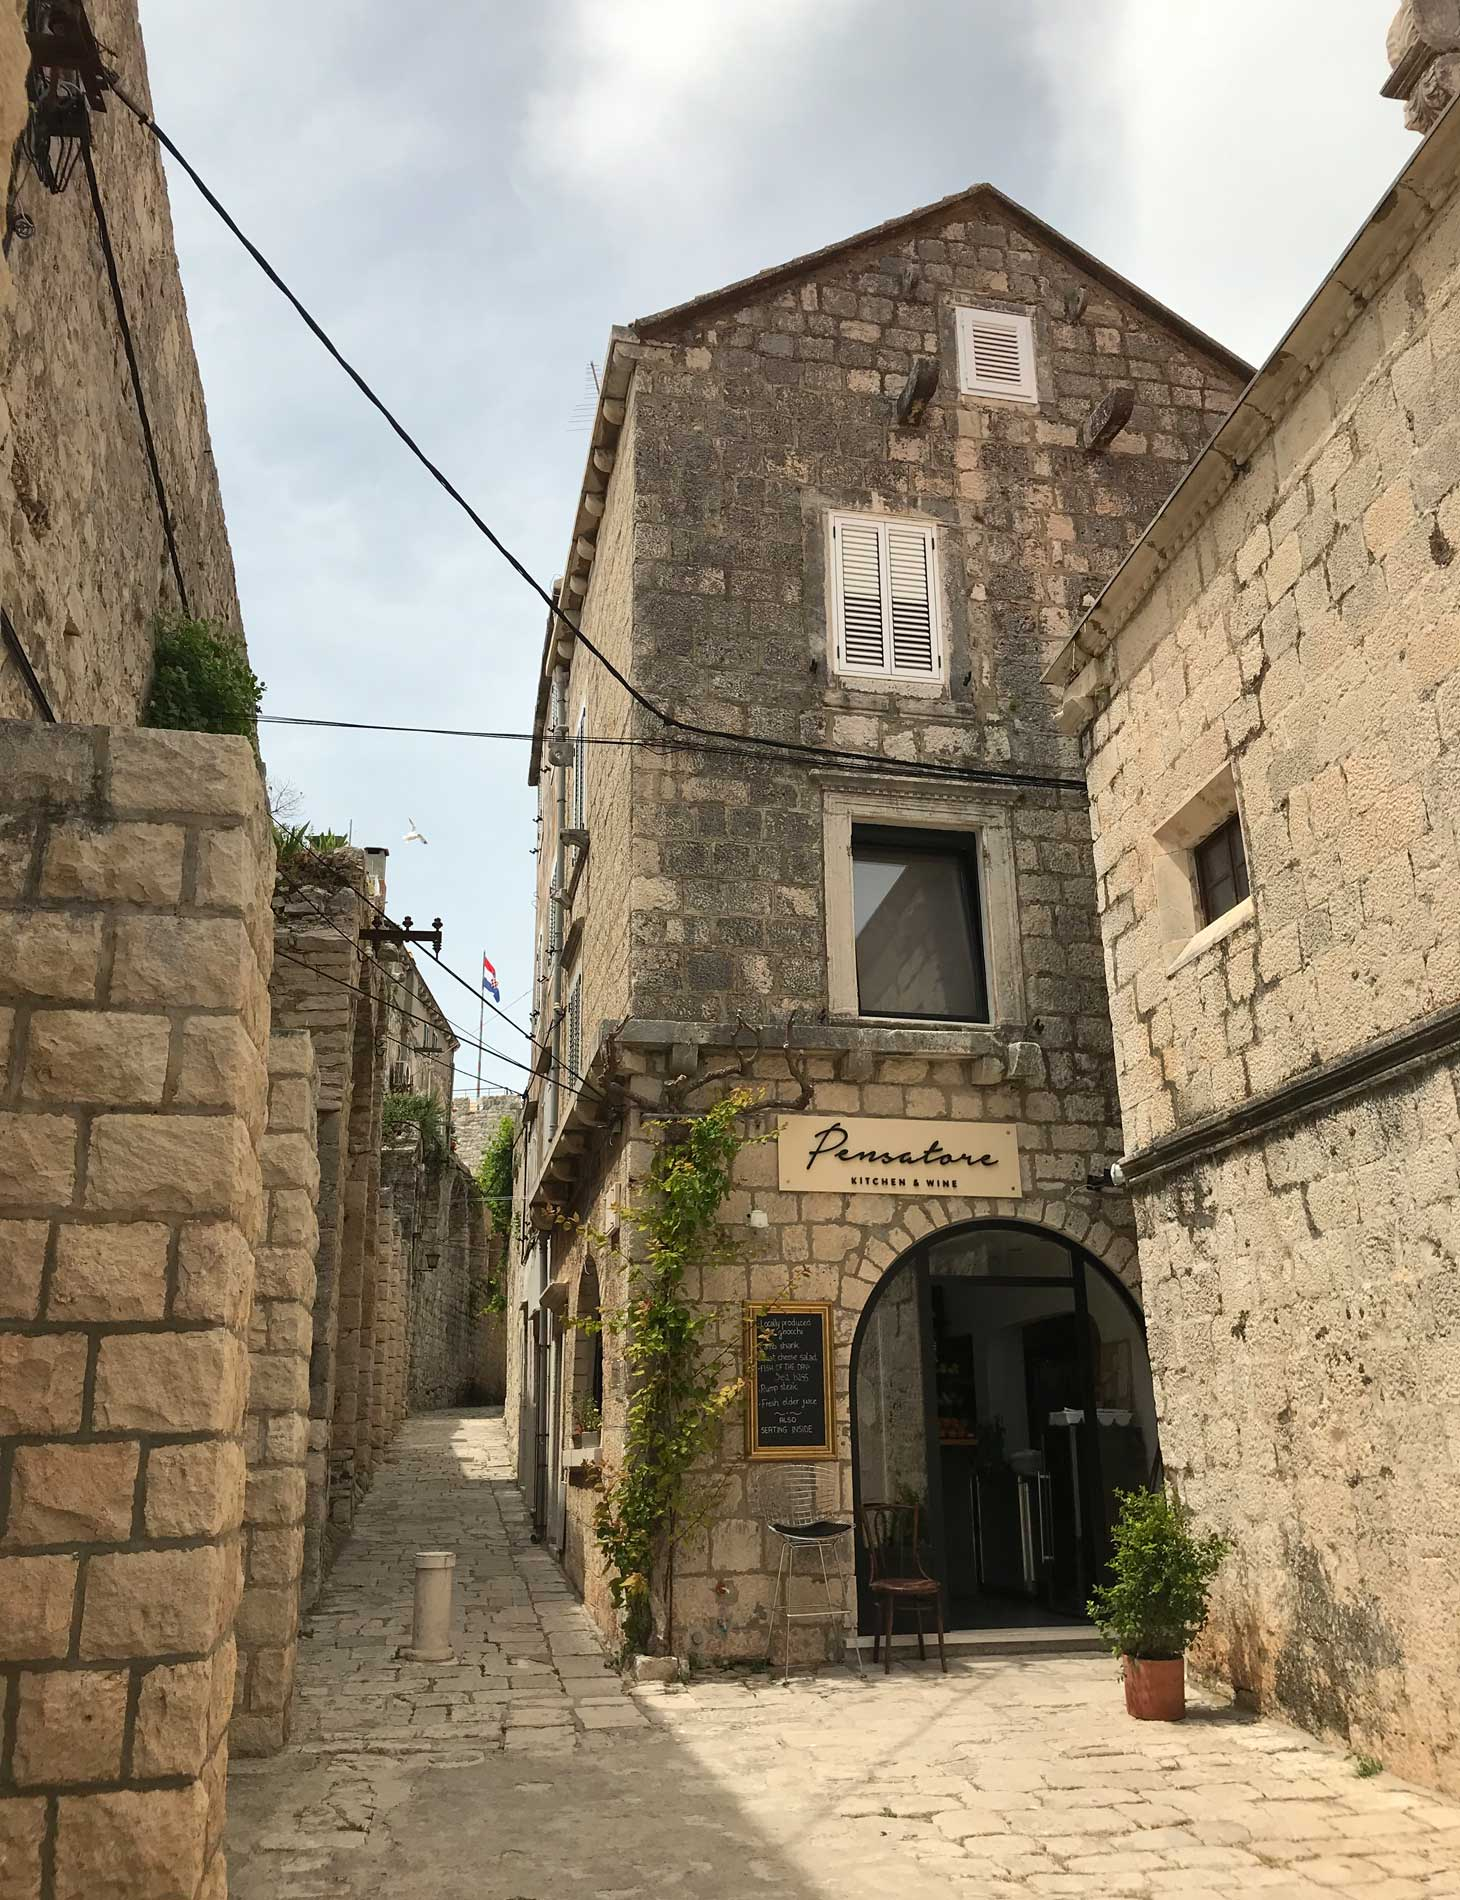 Korcula-Curzola-Croazia-bella-casa-strada-graziosa